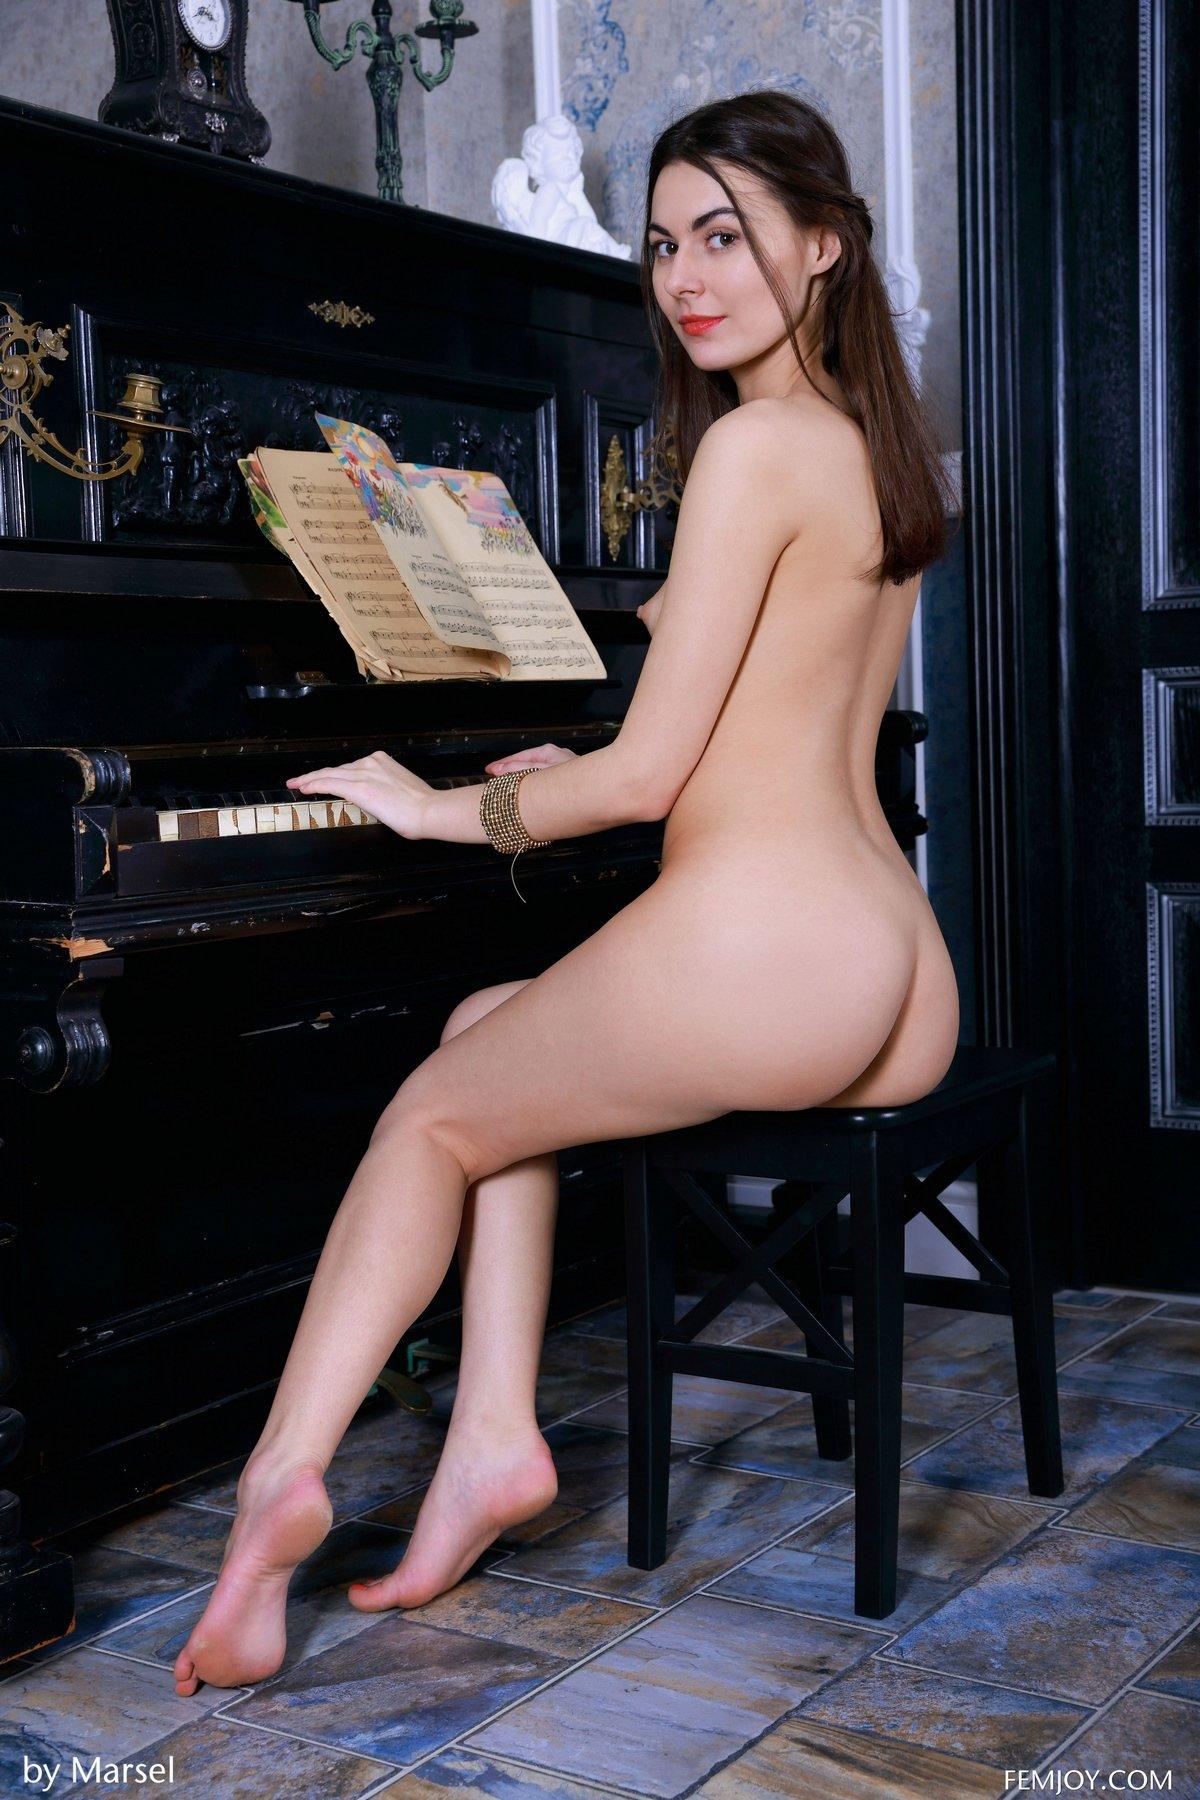 Фото Молодой раздетой бабы возле пианино